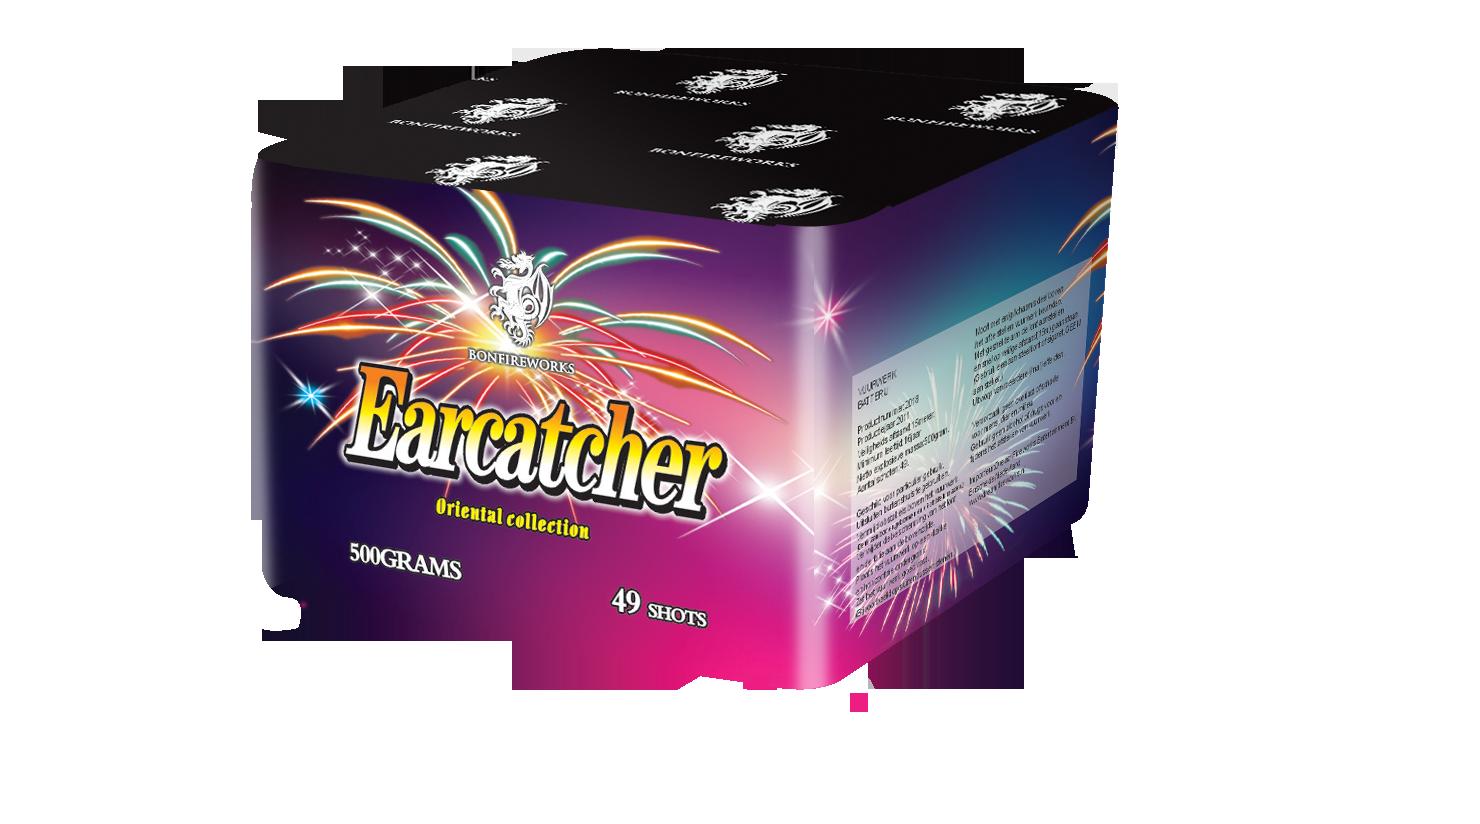 Earcatcher